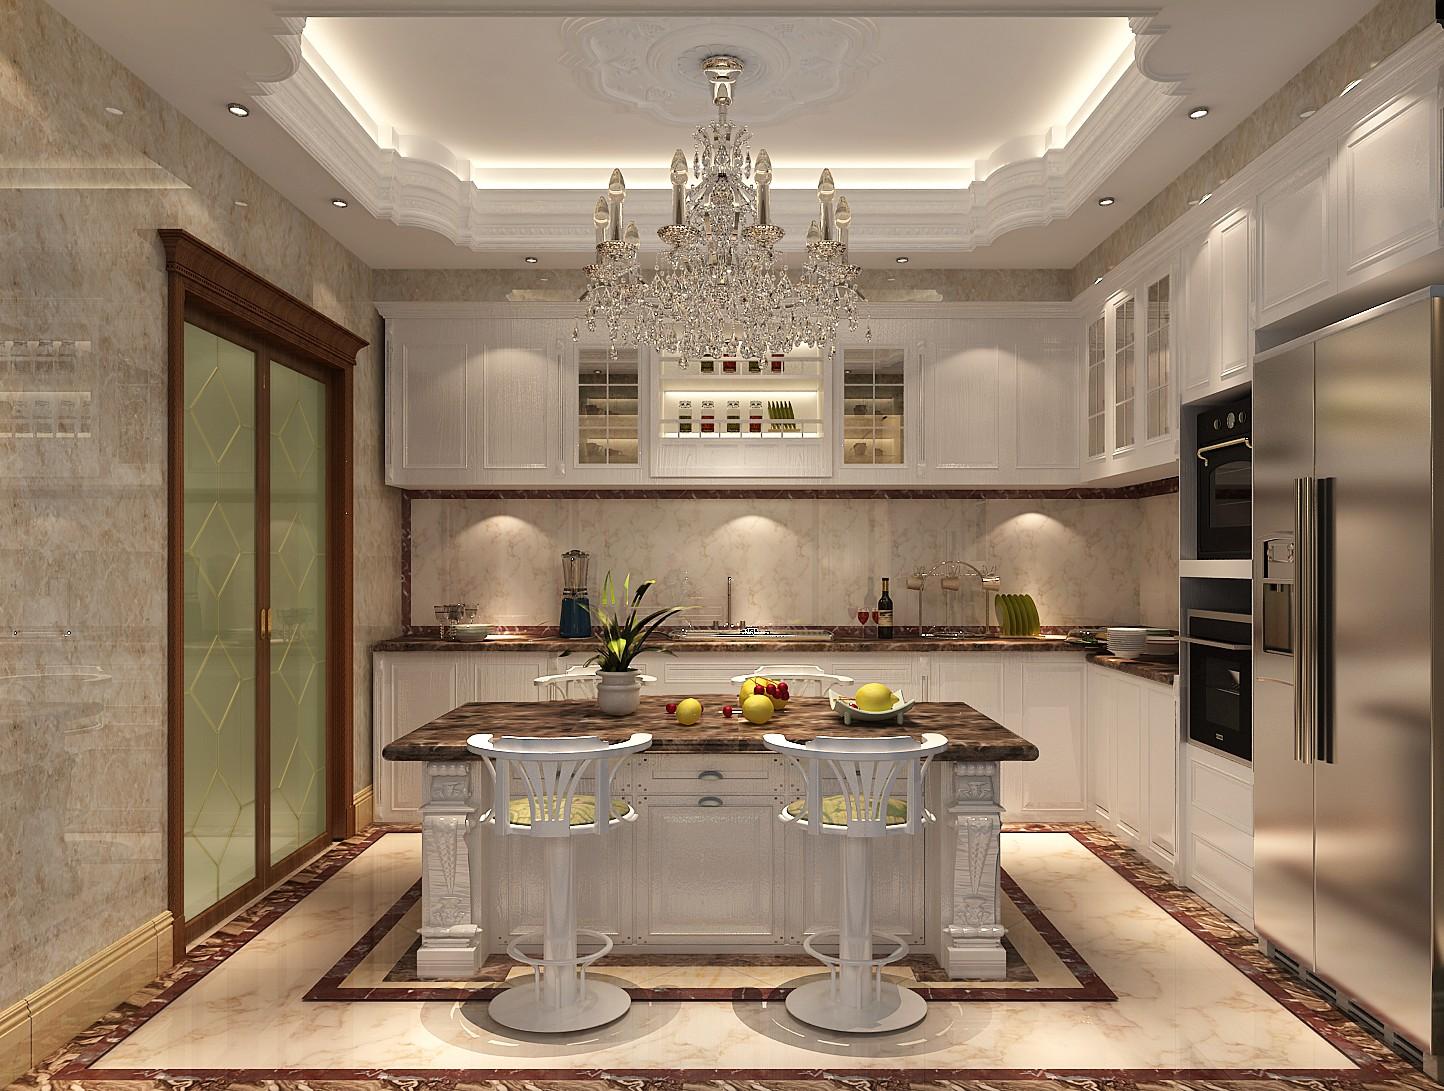 厨房图片来自北京高度国际在格拉斯小镇奢华欧式风格的分享